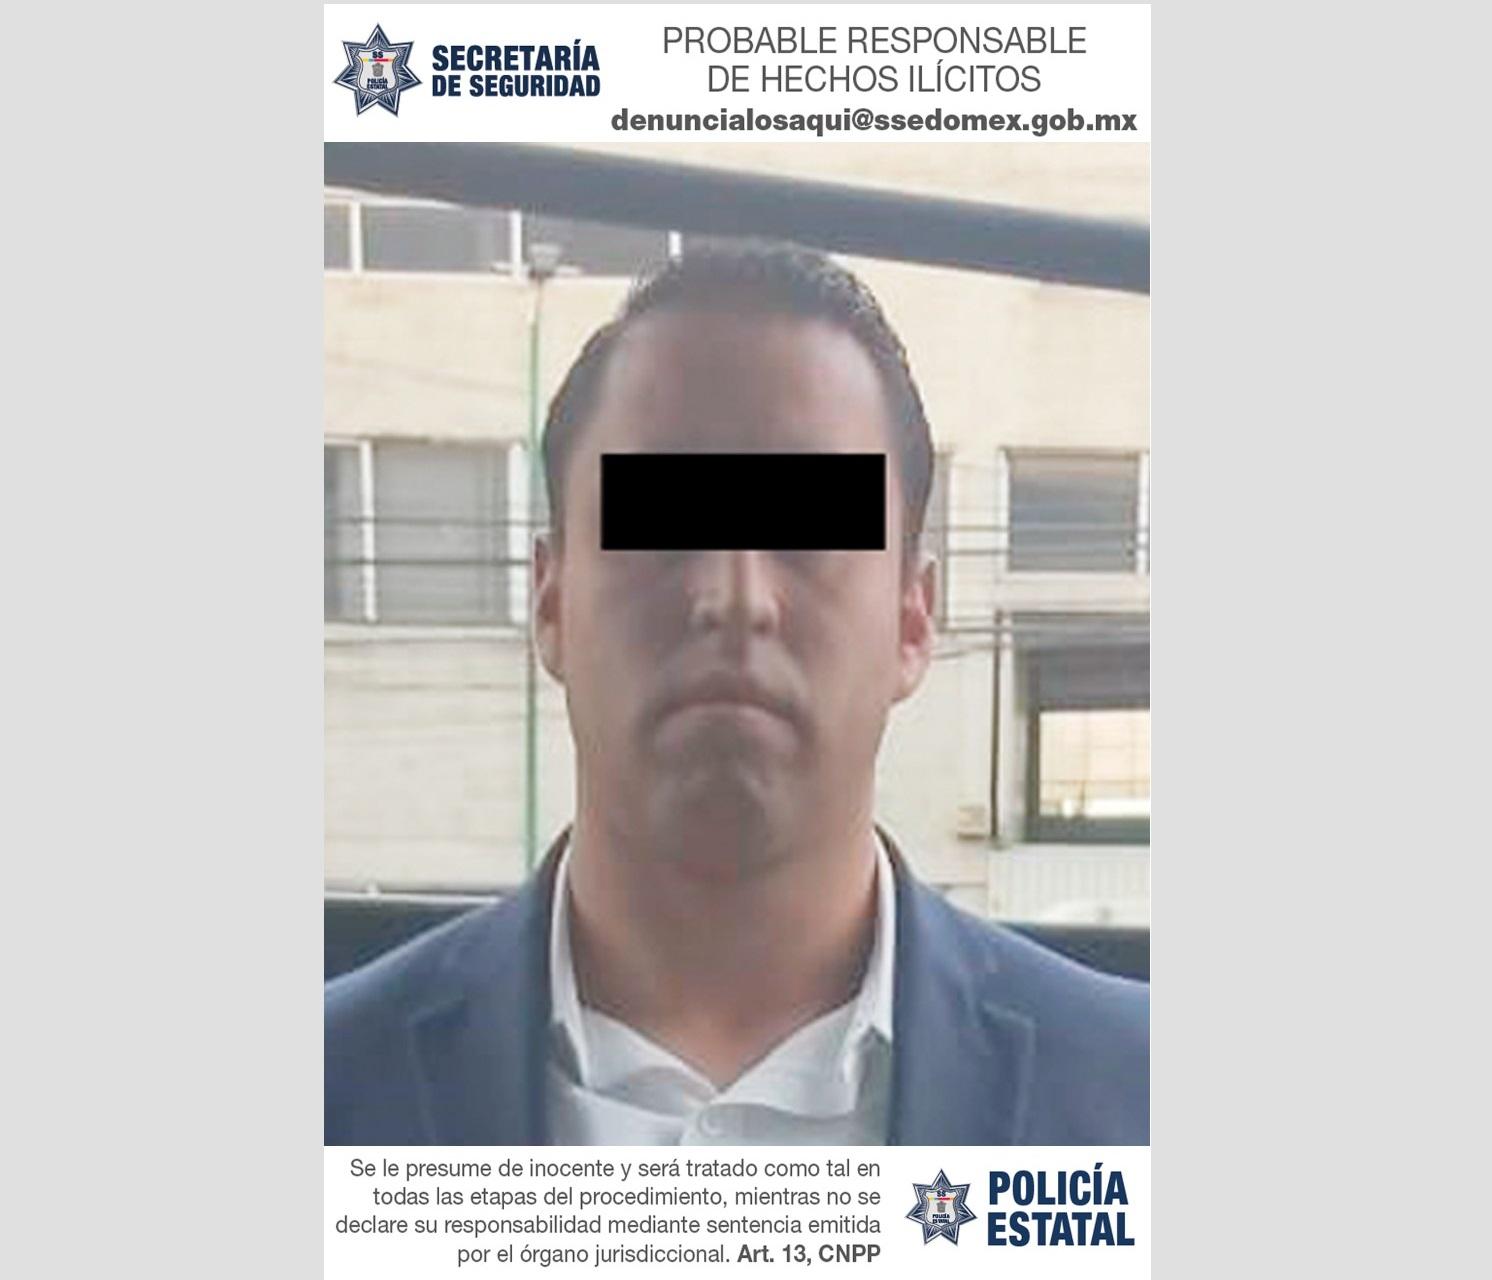 DETIENEN A UN HOMBRE POR EL DELITO DE PORTACIÓN ILEGAL DE ARMA DE FUEGO